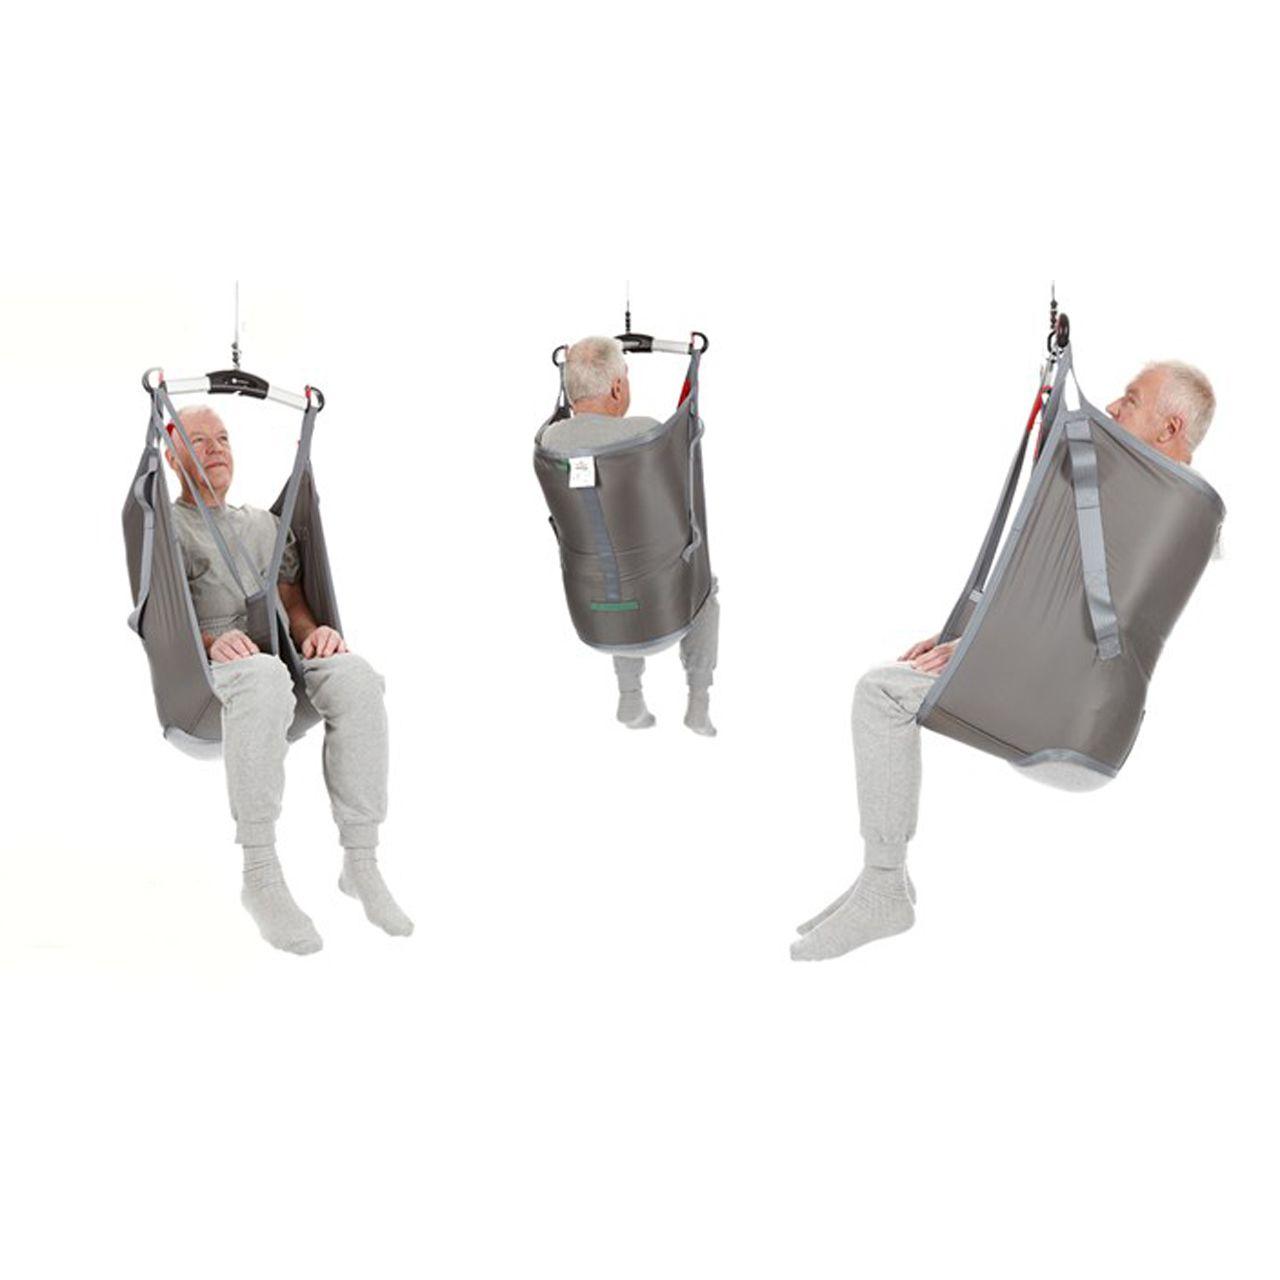 Basic-sling-tilbanden-tillen-artnrnnb_0000s_0002_trio